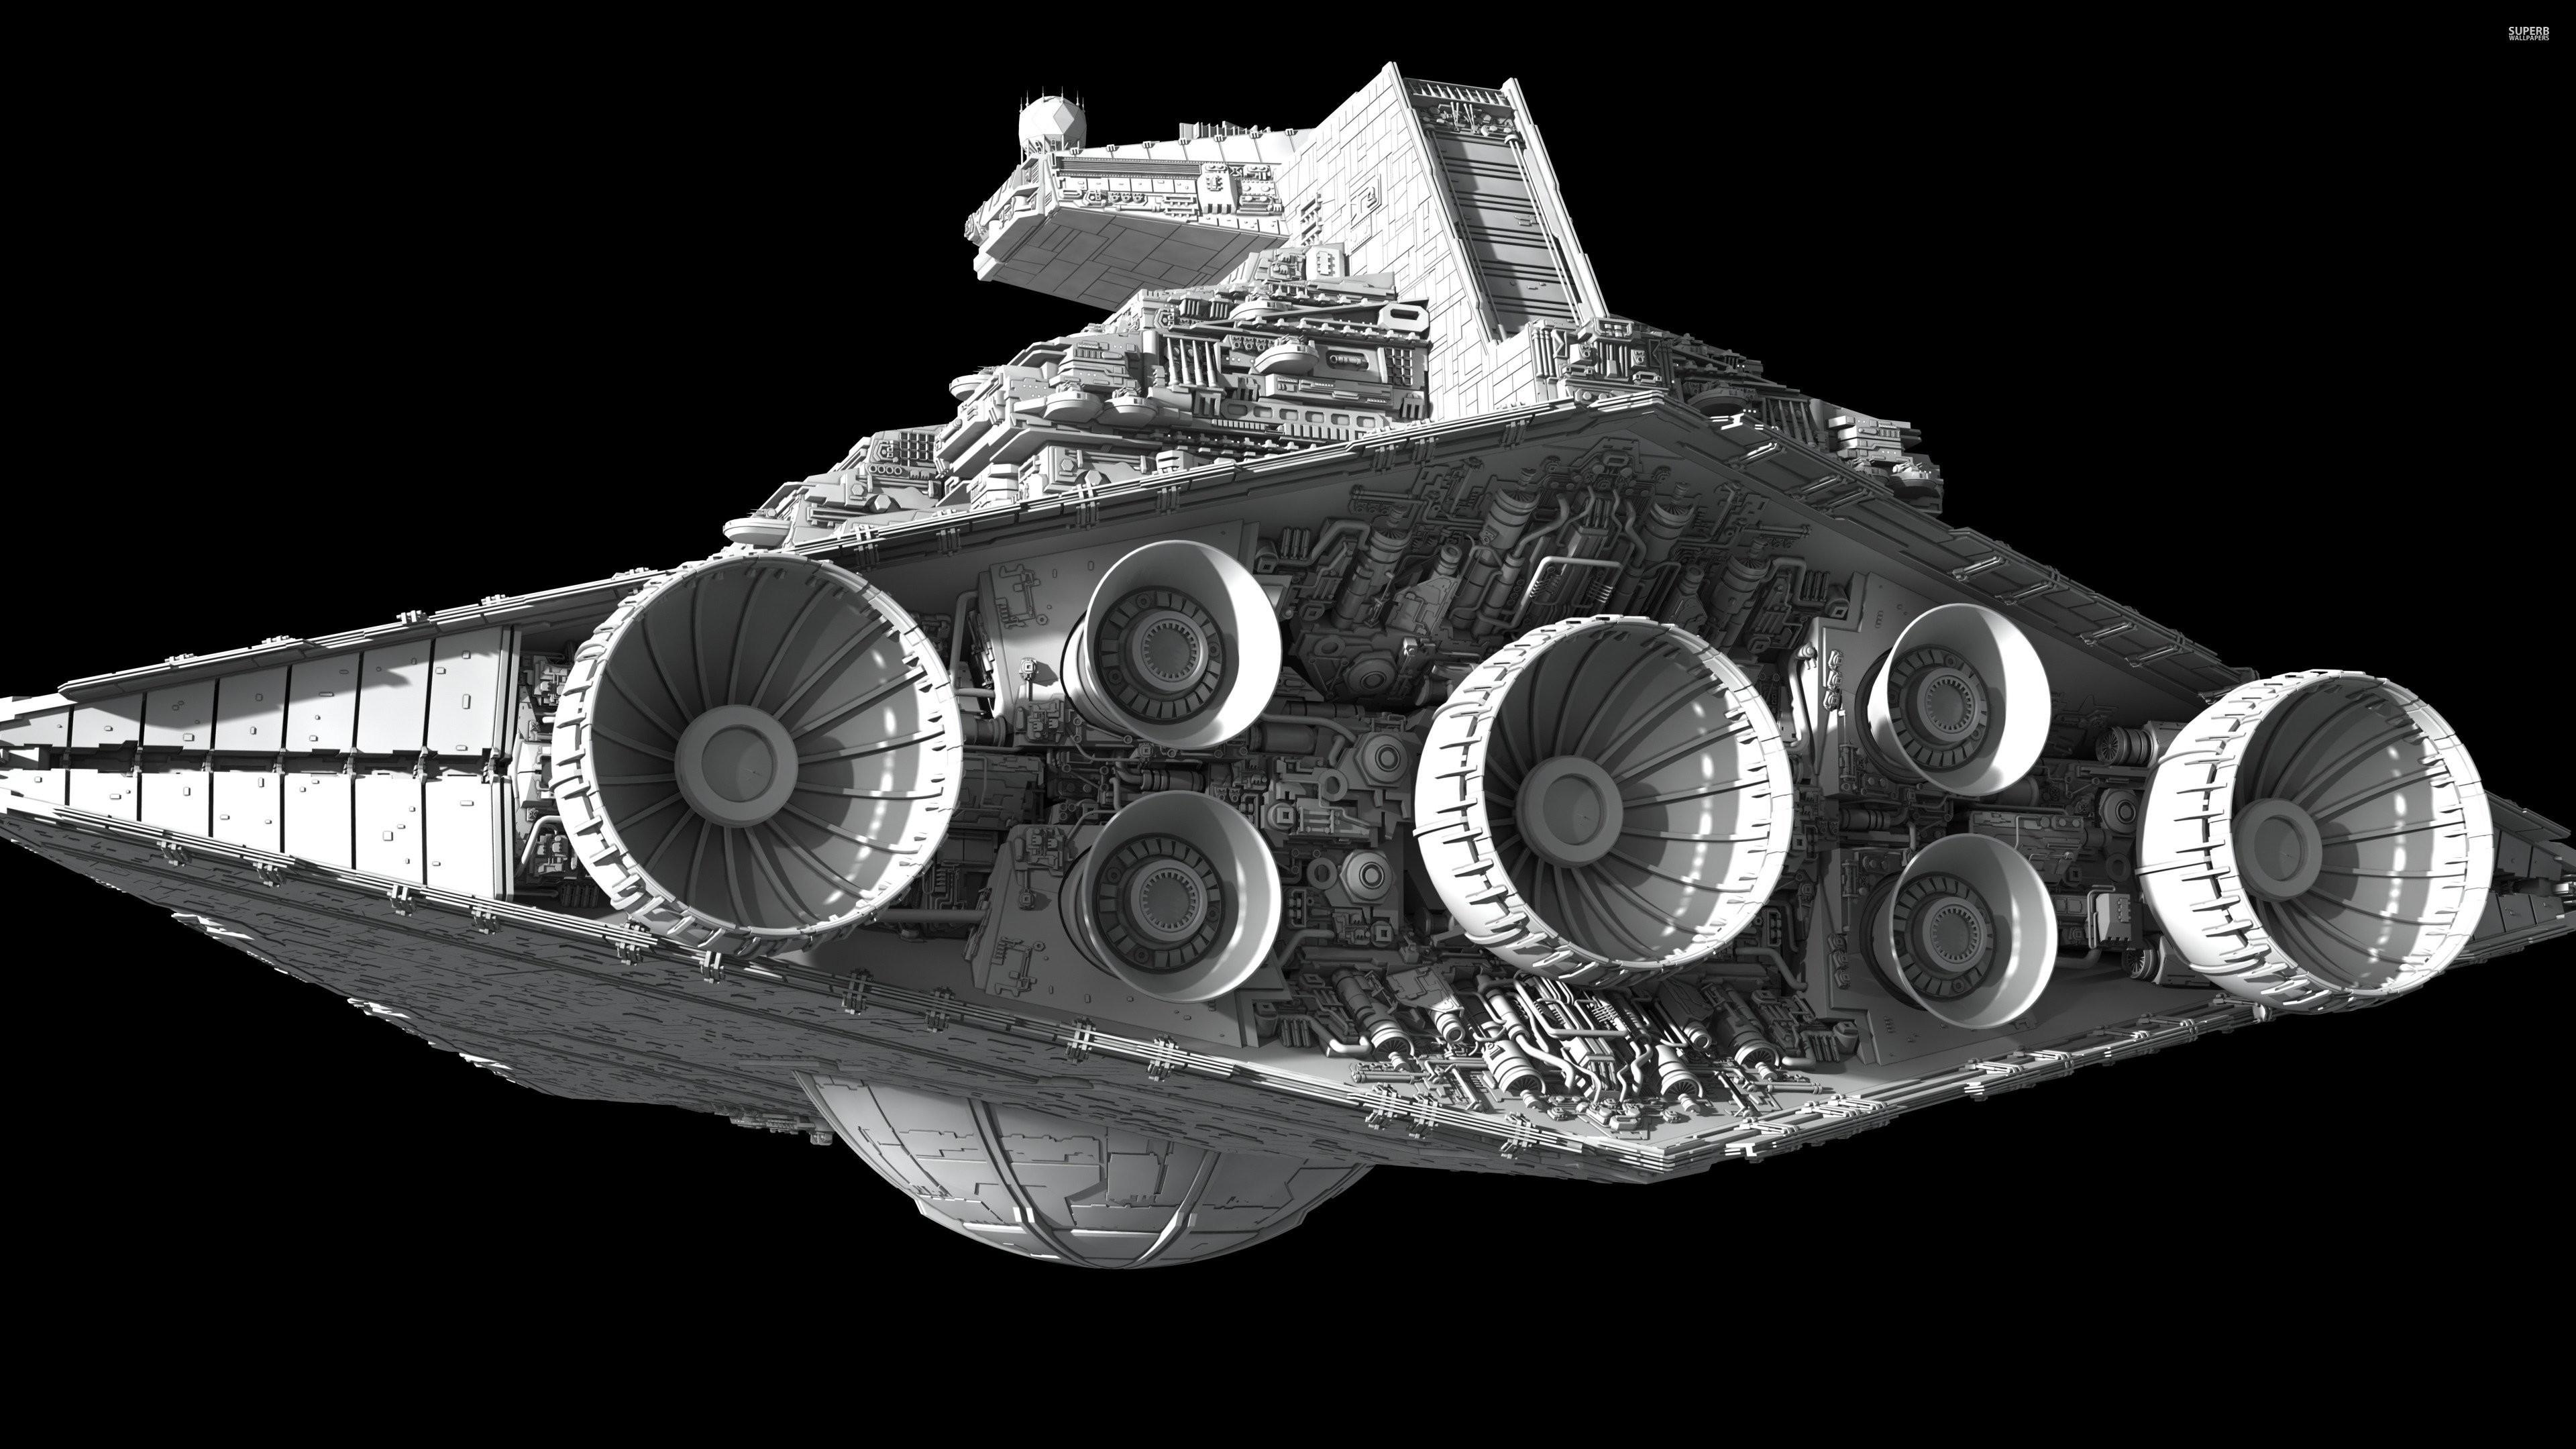 Allegiance-class Star Destroyer